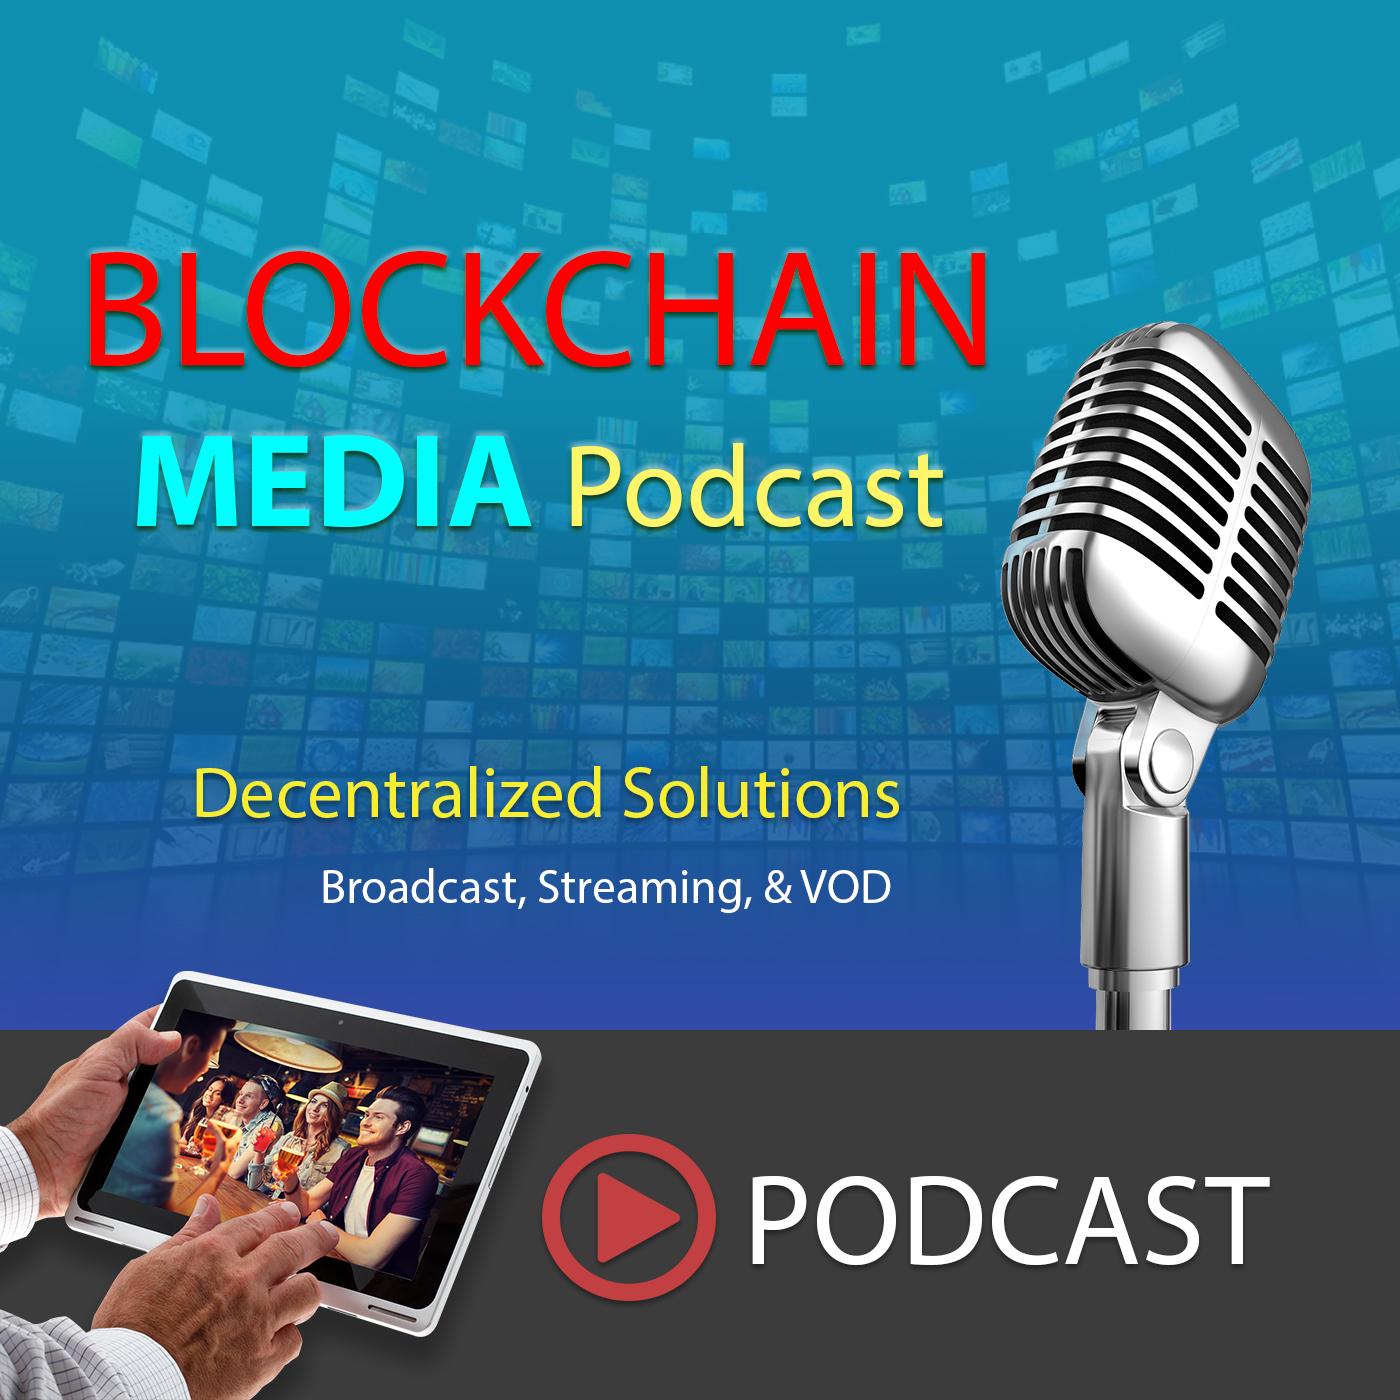 Blockchain Media Podcast show art